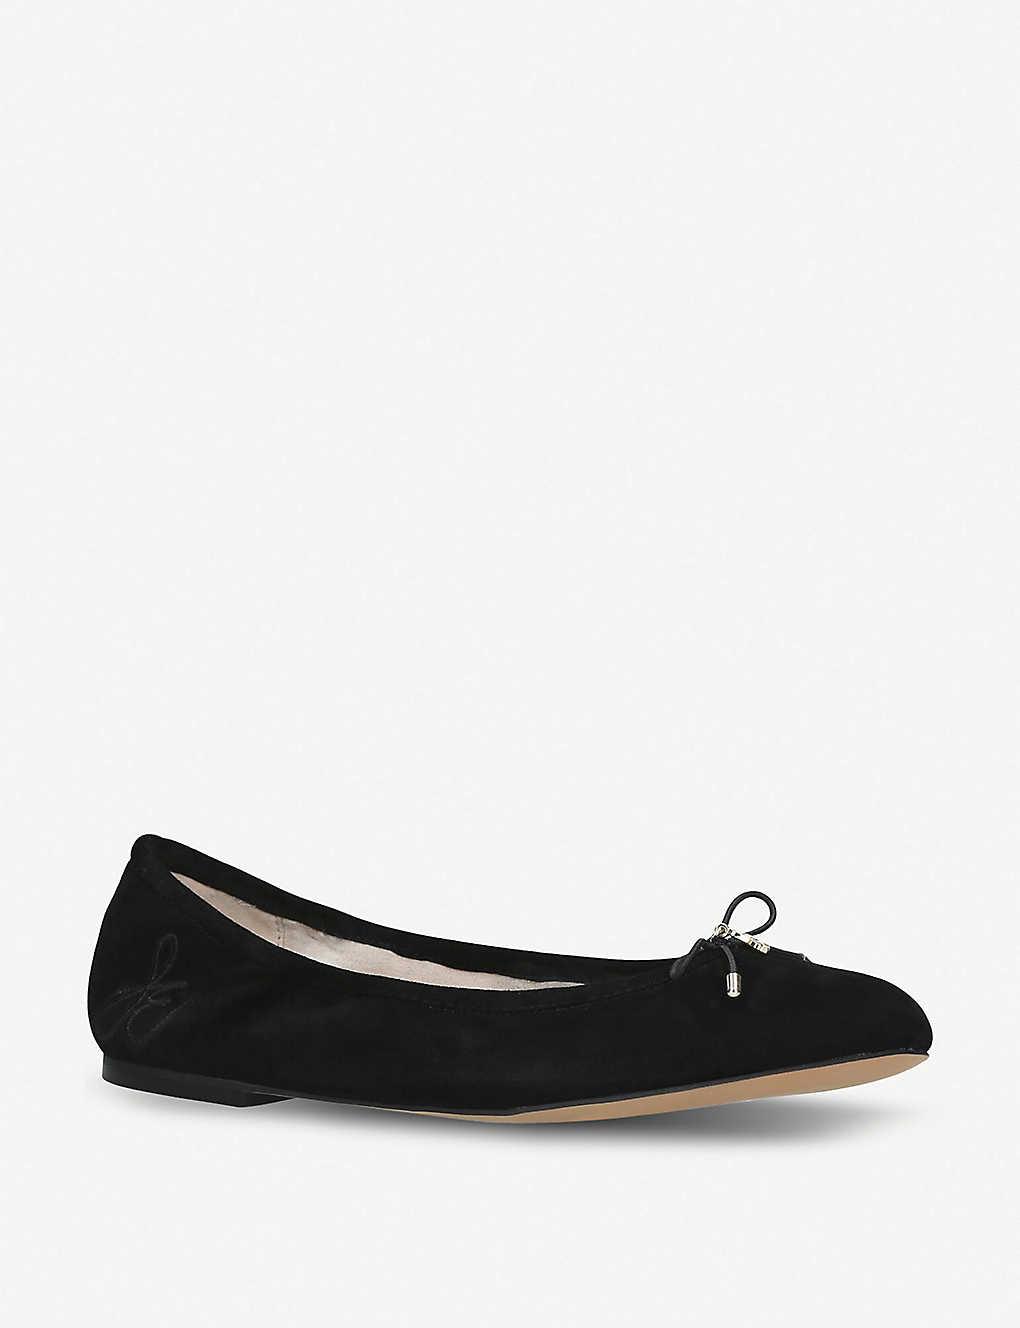 2af279c64 ... Felicia suede ballet flats - Black ...